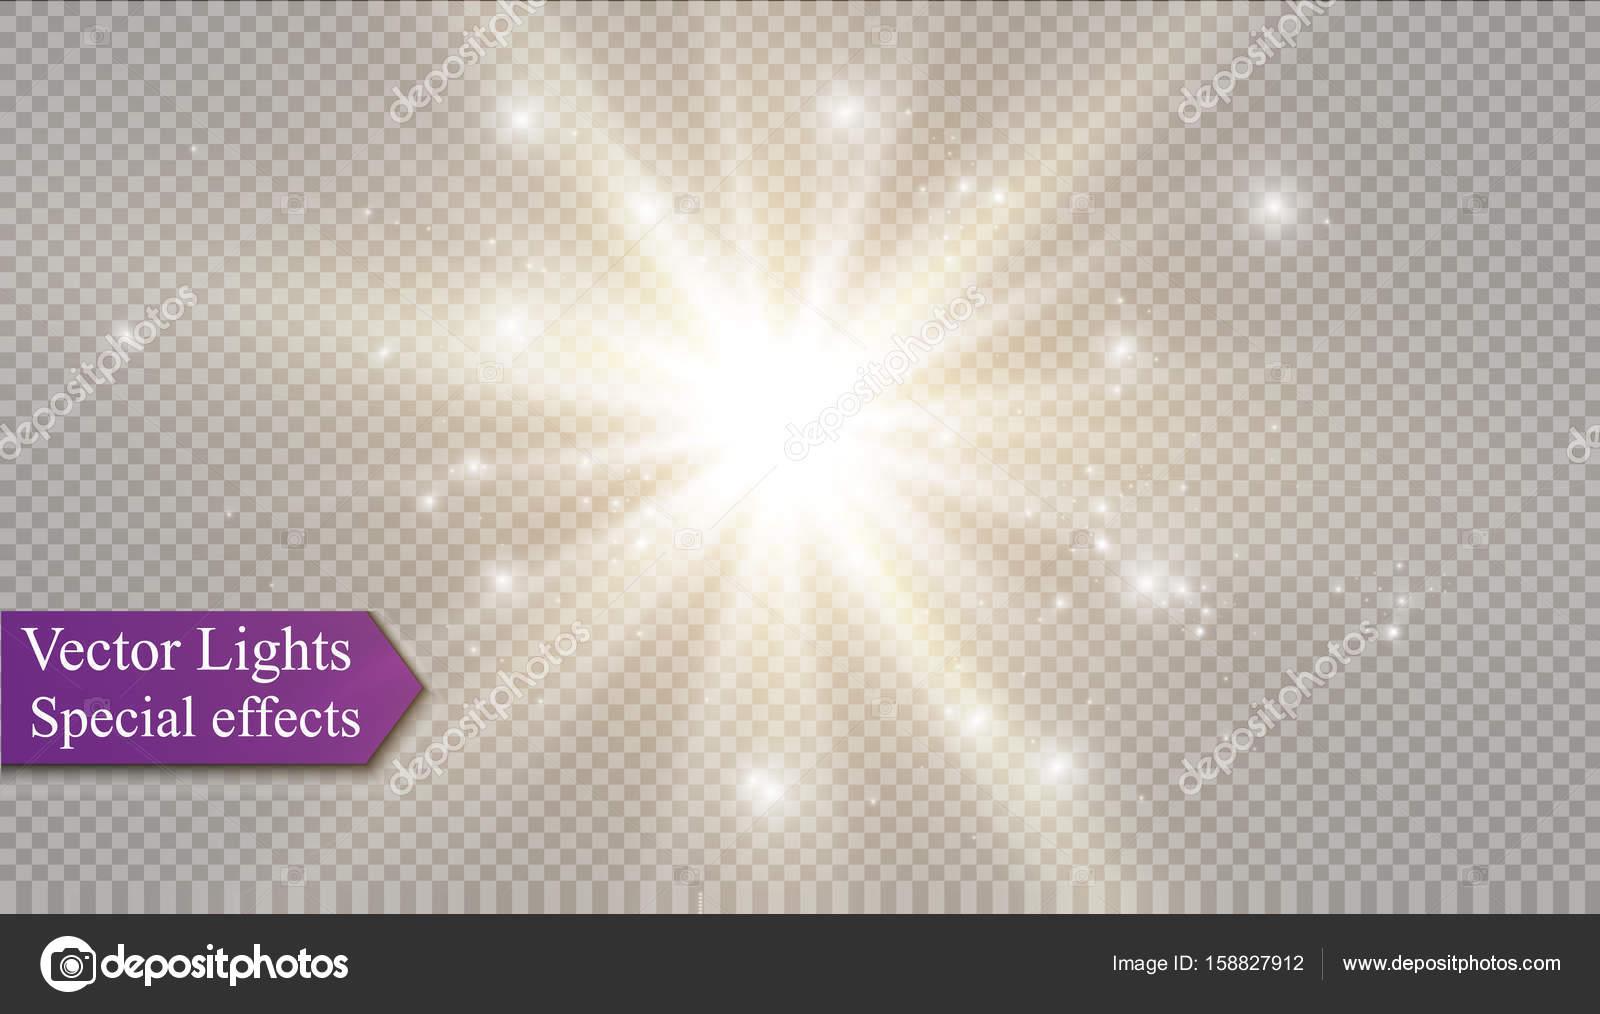 星光の効果透明な背景のベクトル イラスト輝くバーストします